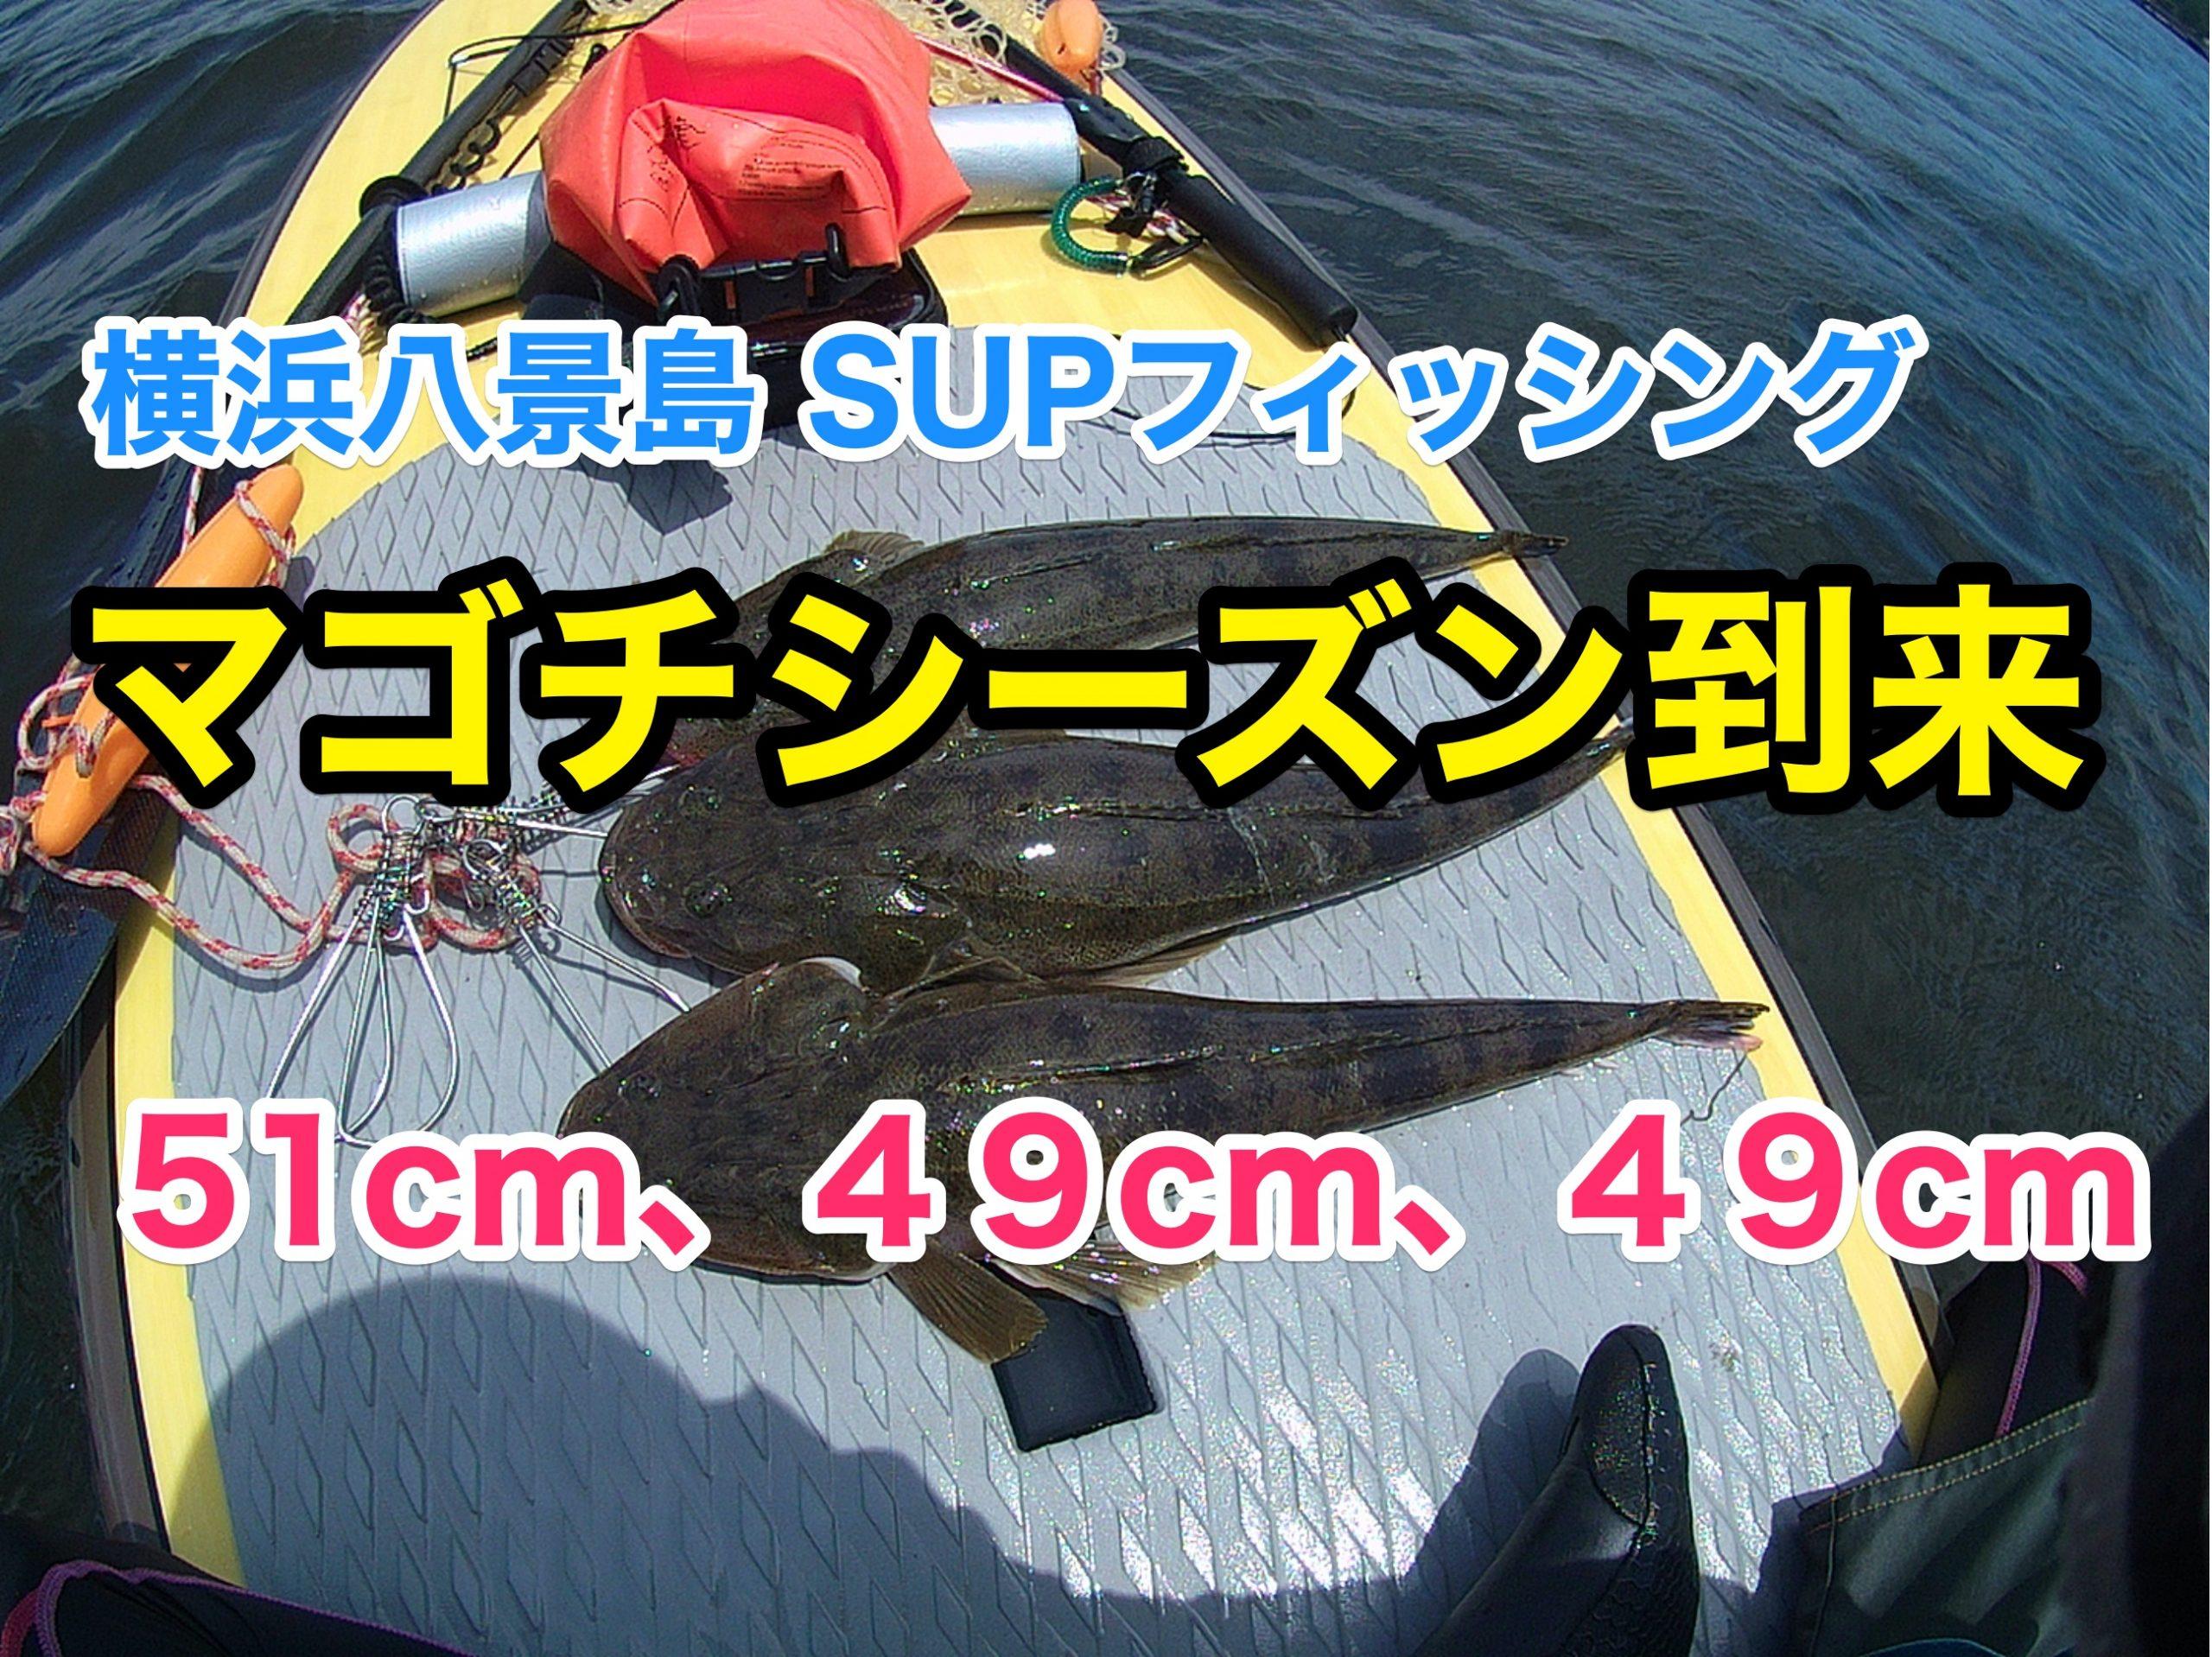 マゴチ51cm、49cm、49cm】SUPフィッシング@横浜八景島20210710